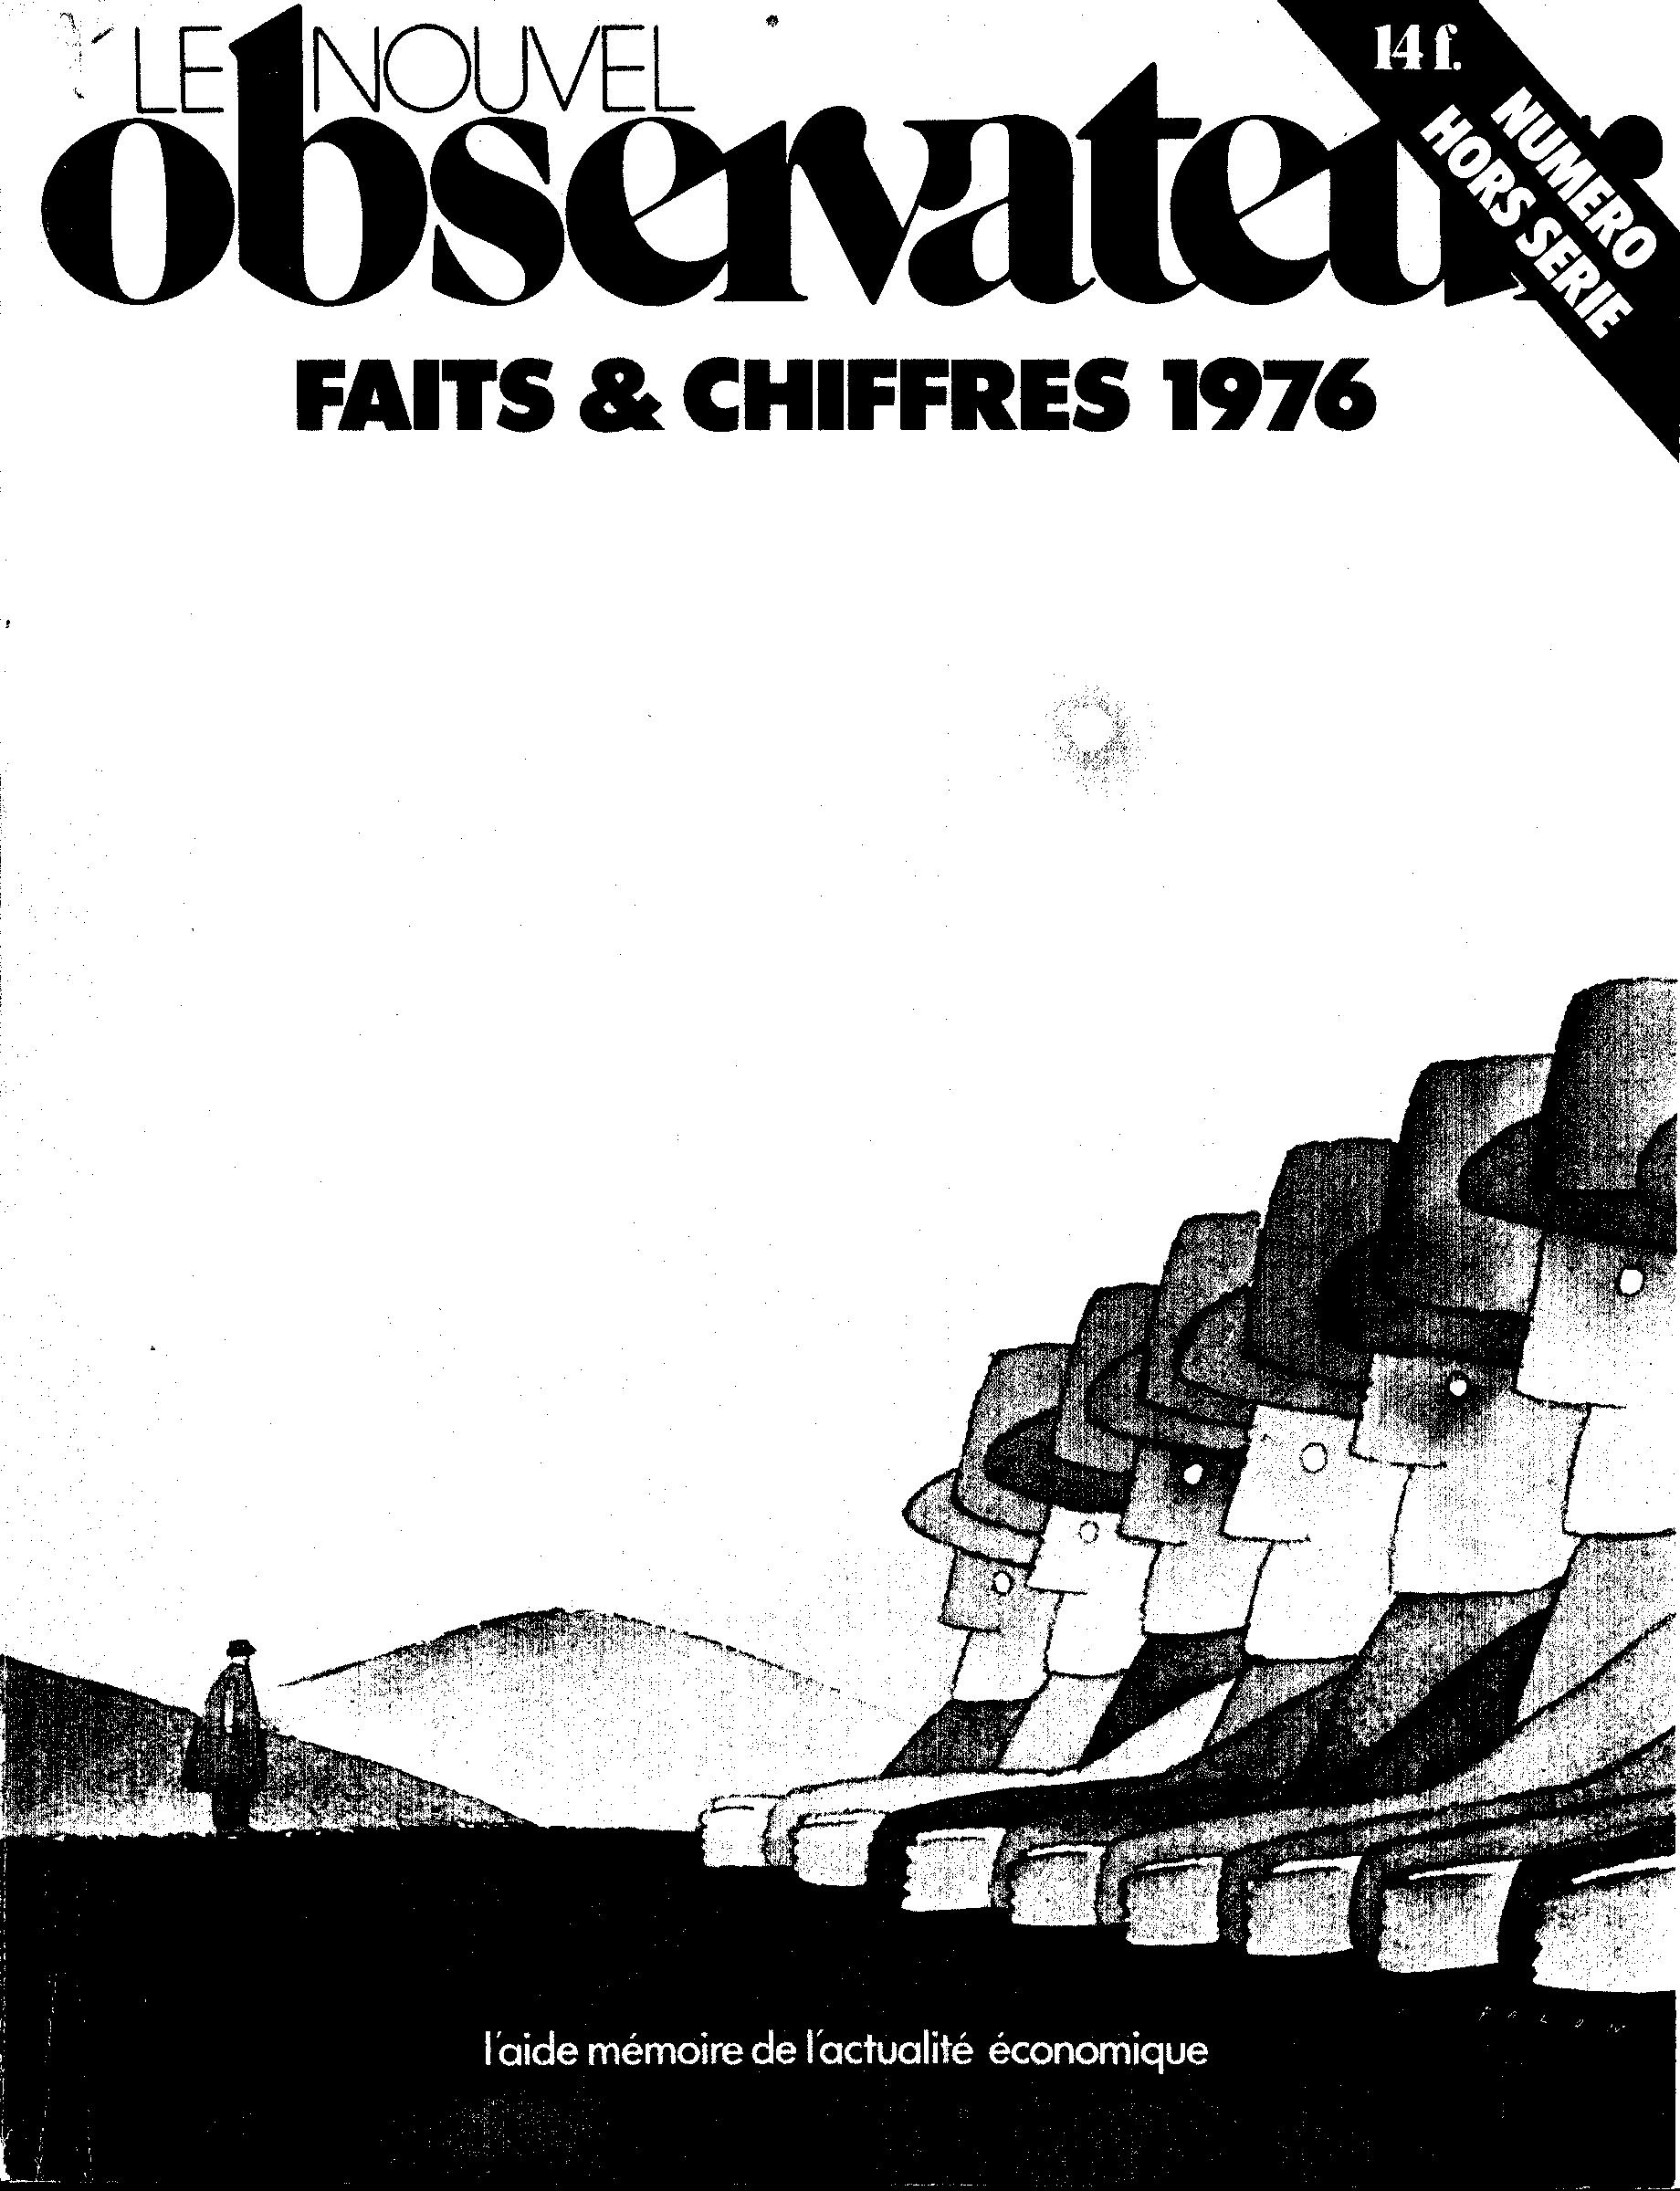 02142.003- pag.1